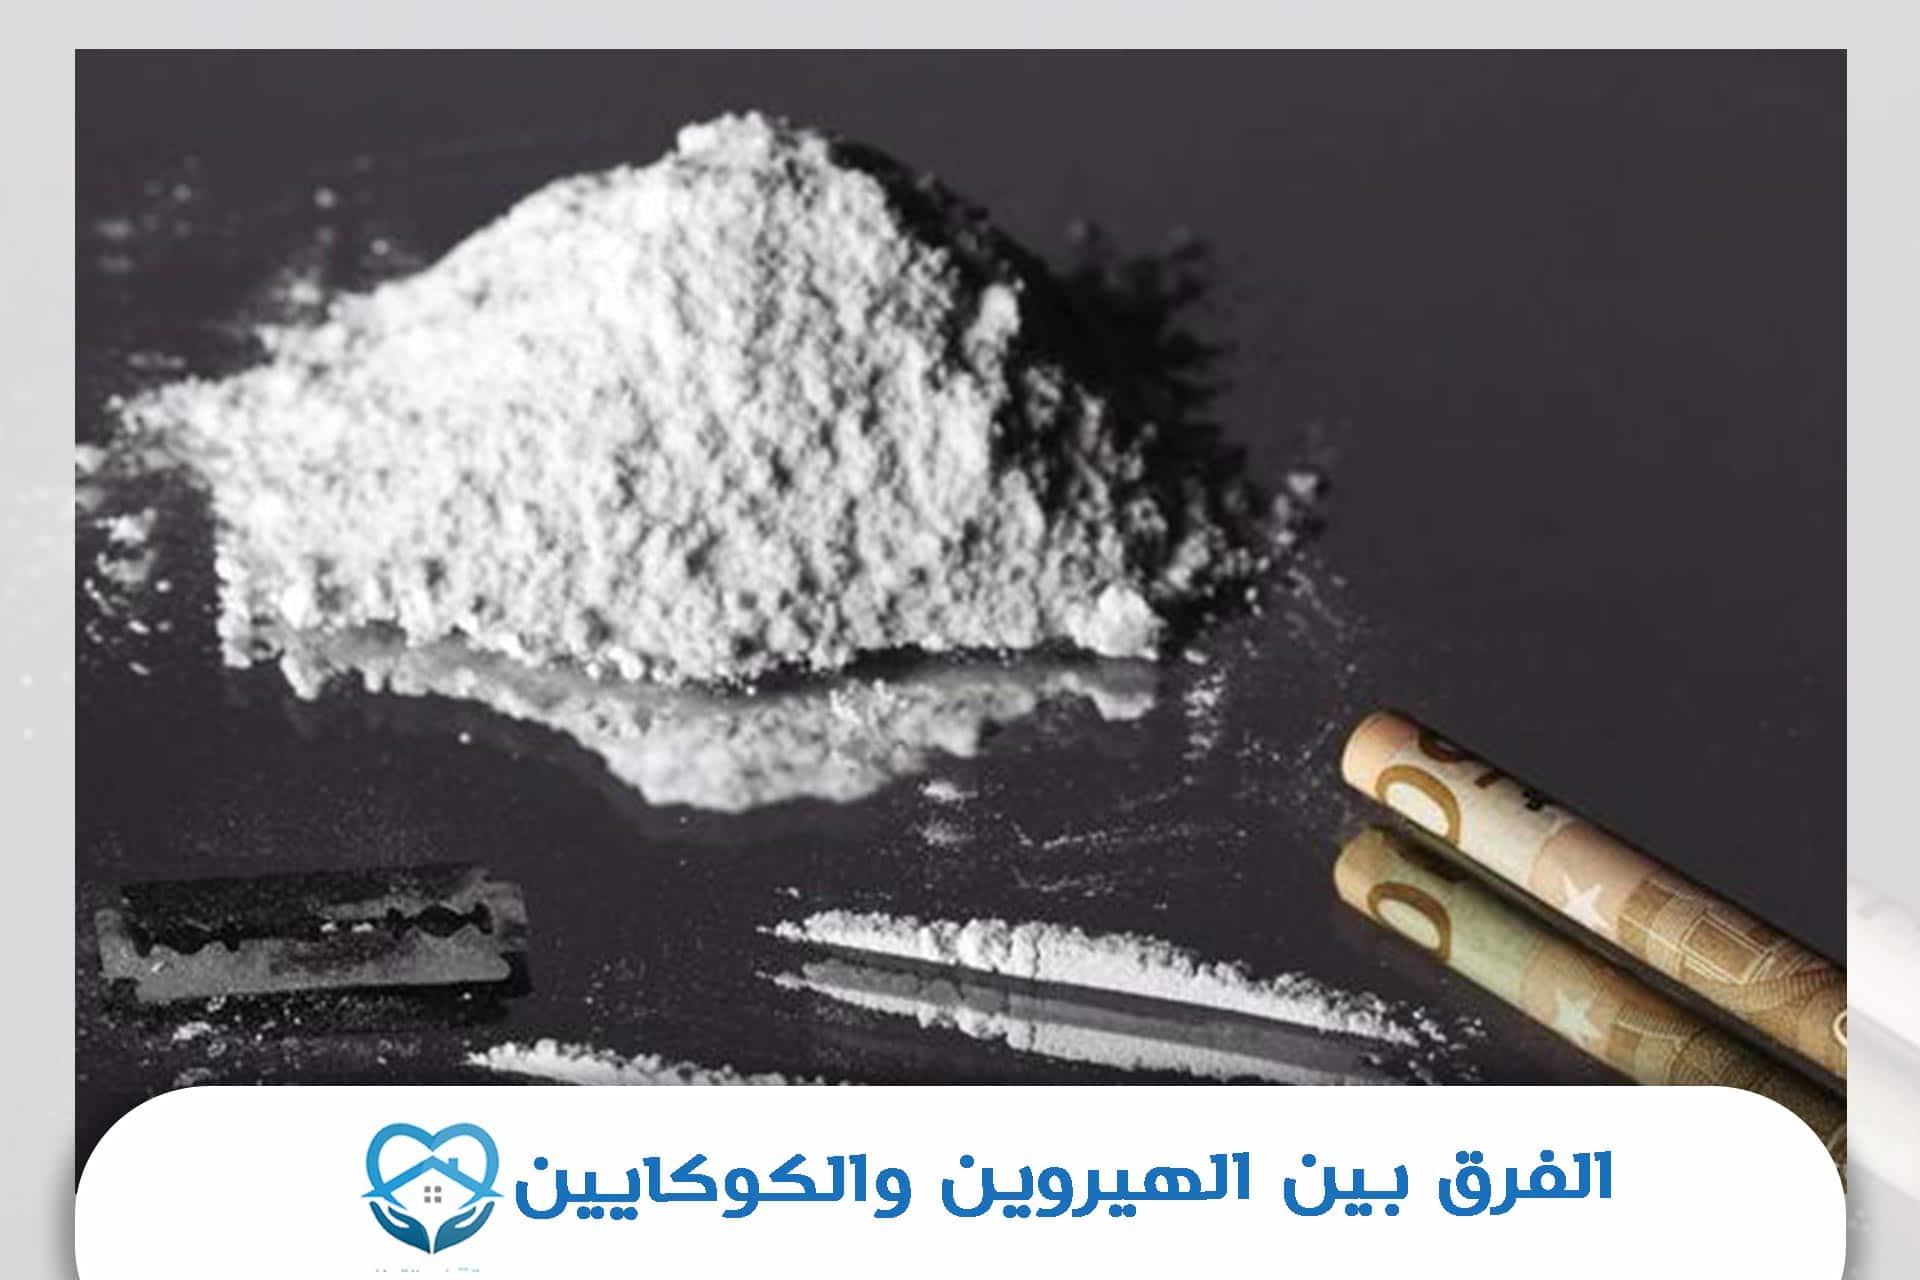 الفرق بين الهيروين والكوكايين